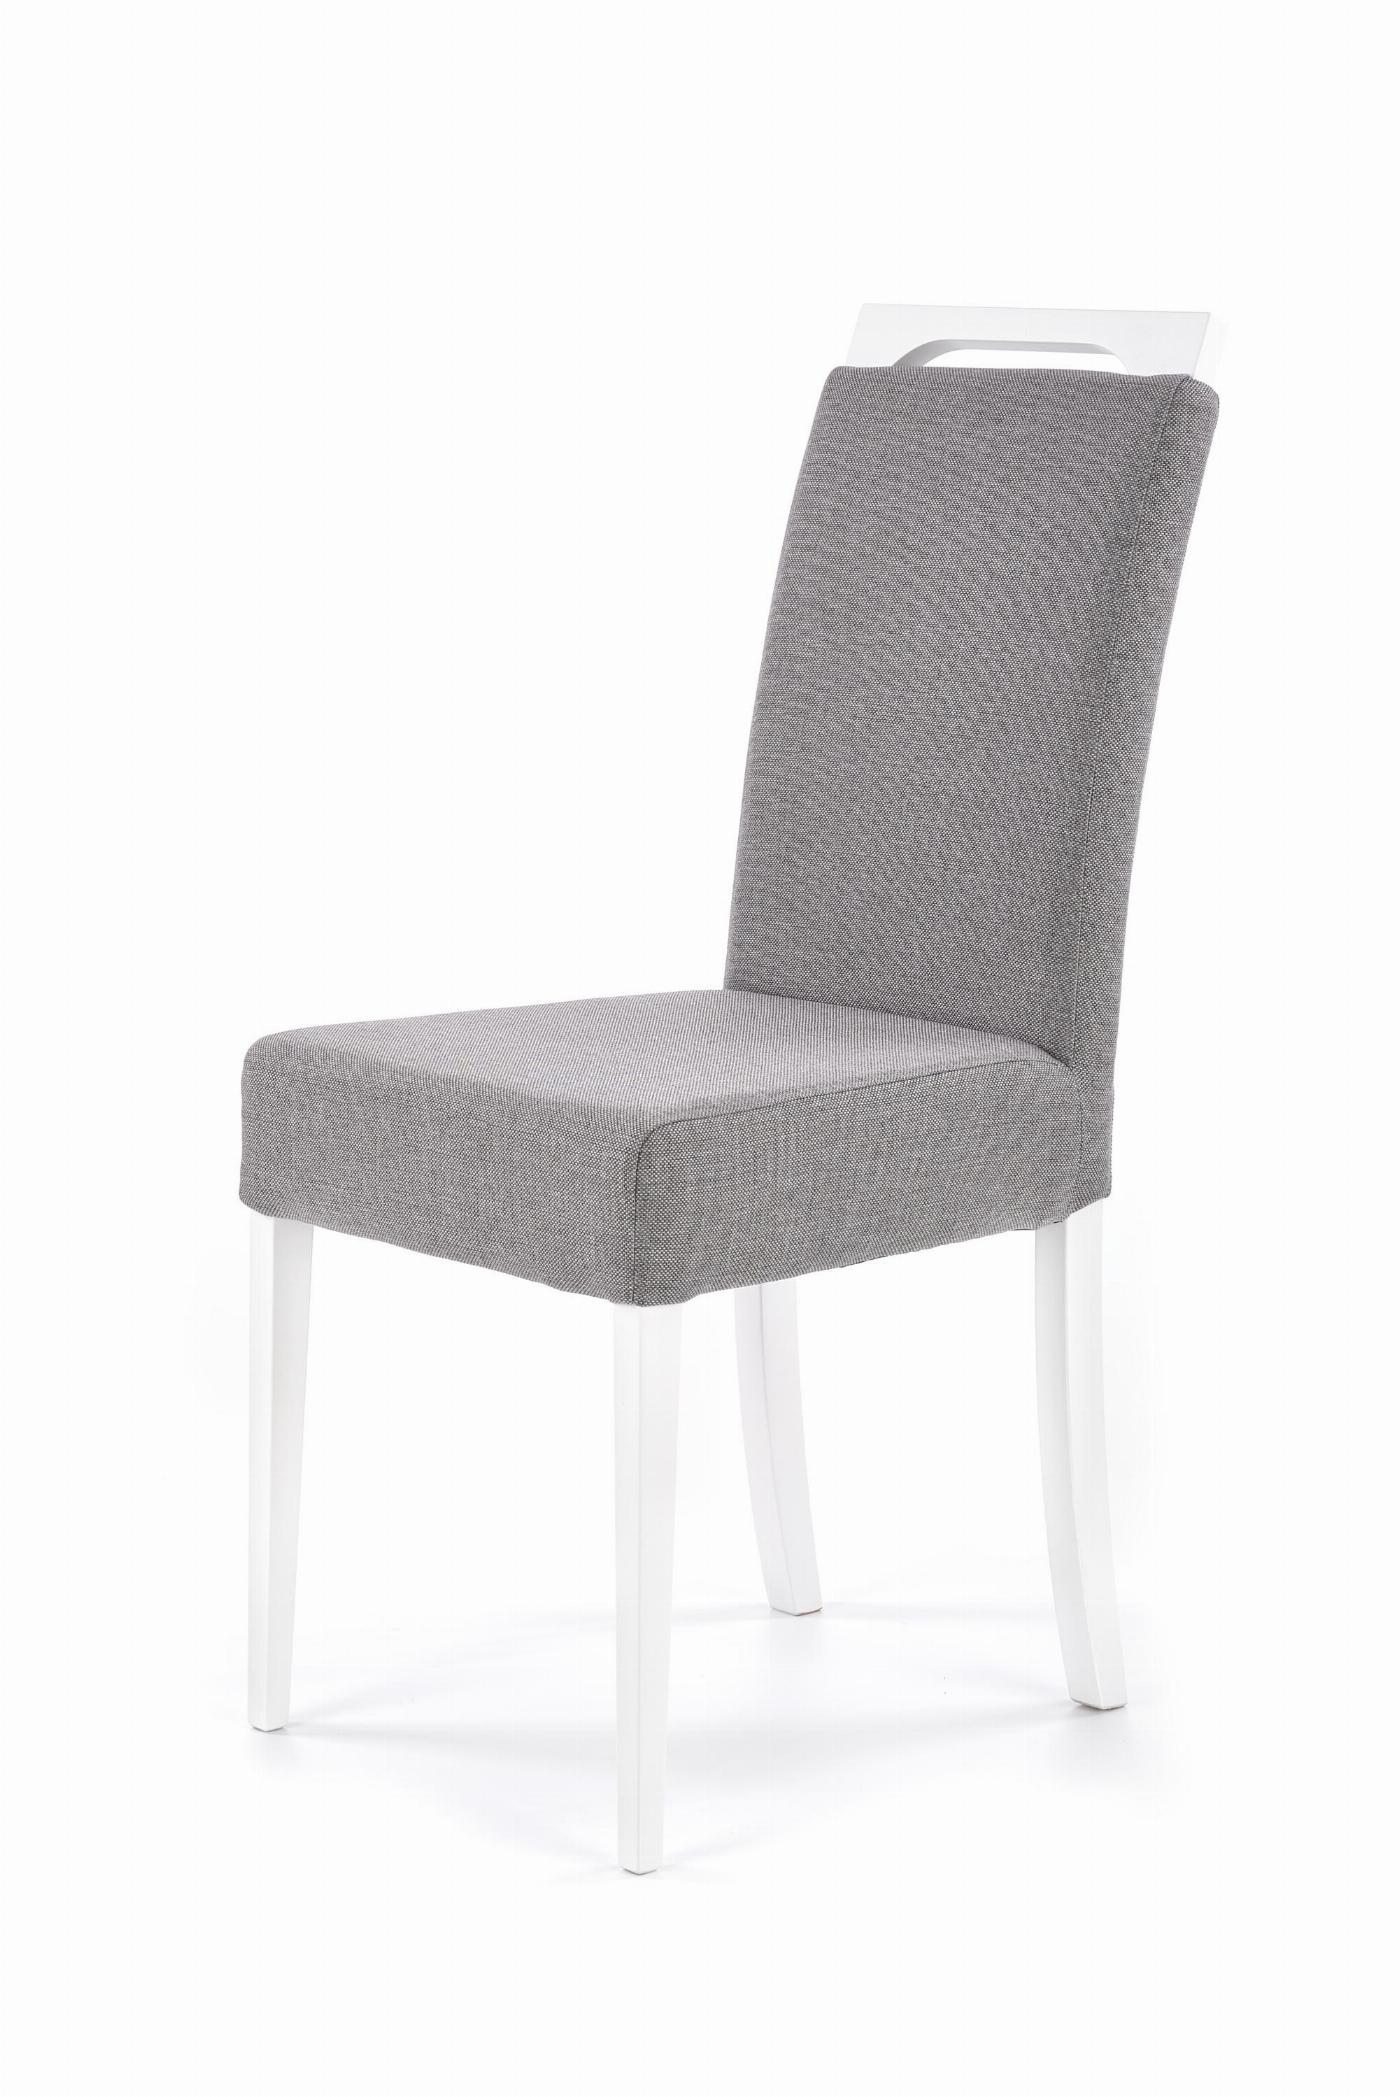 CLARION krzesło biały / tap: INARI 91